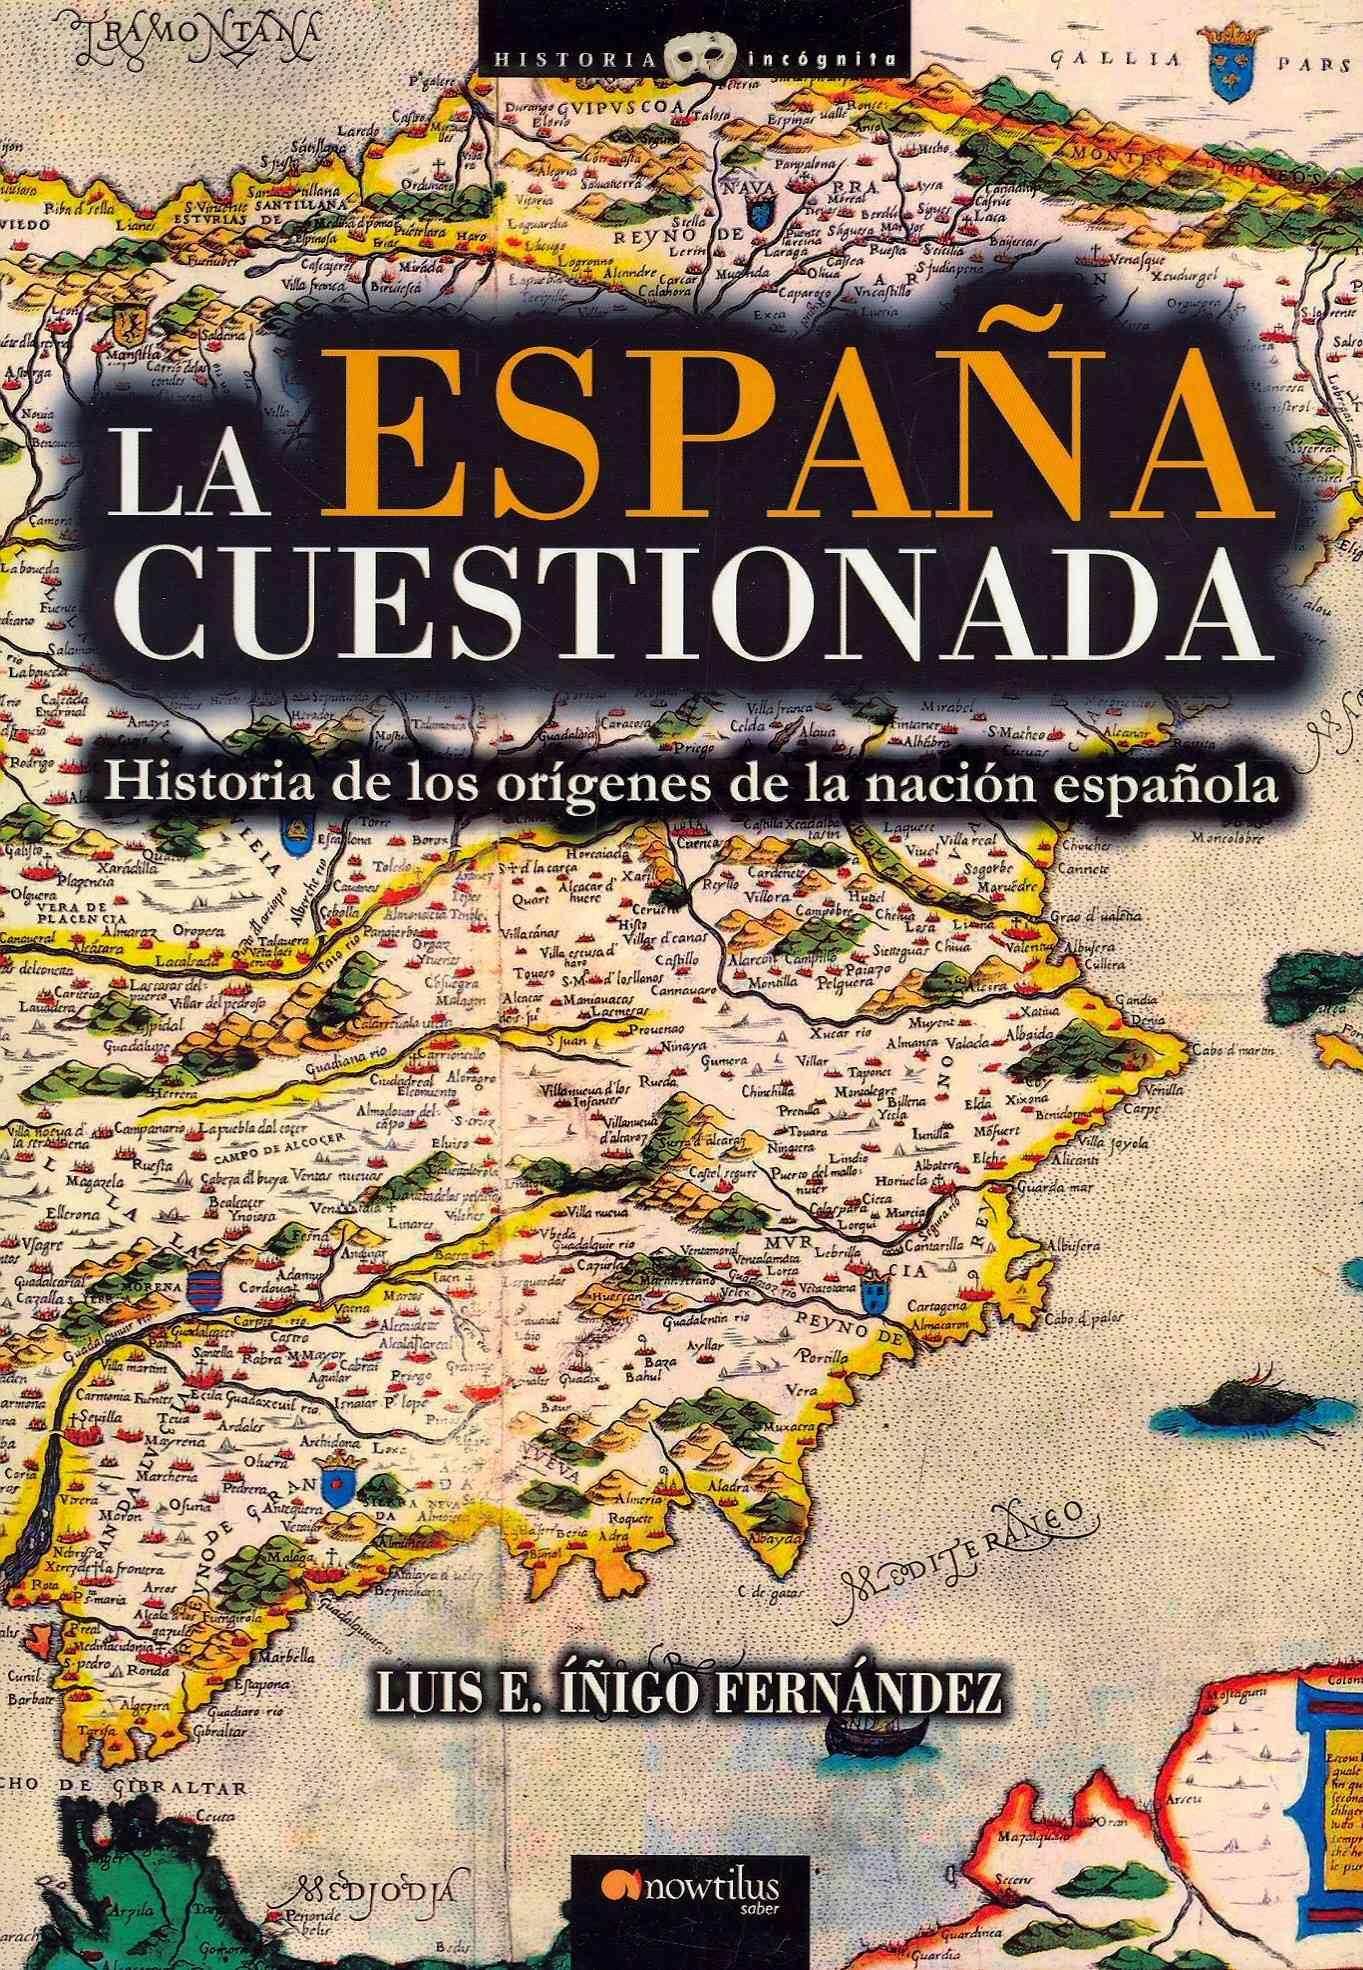 La Espana cuestionada / Spain Questioned By Fernandez, Luis E. Inigo